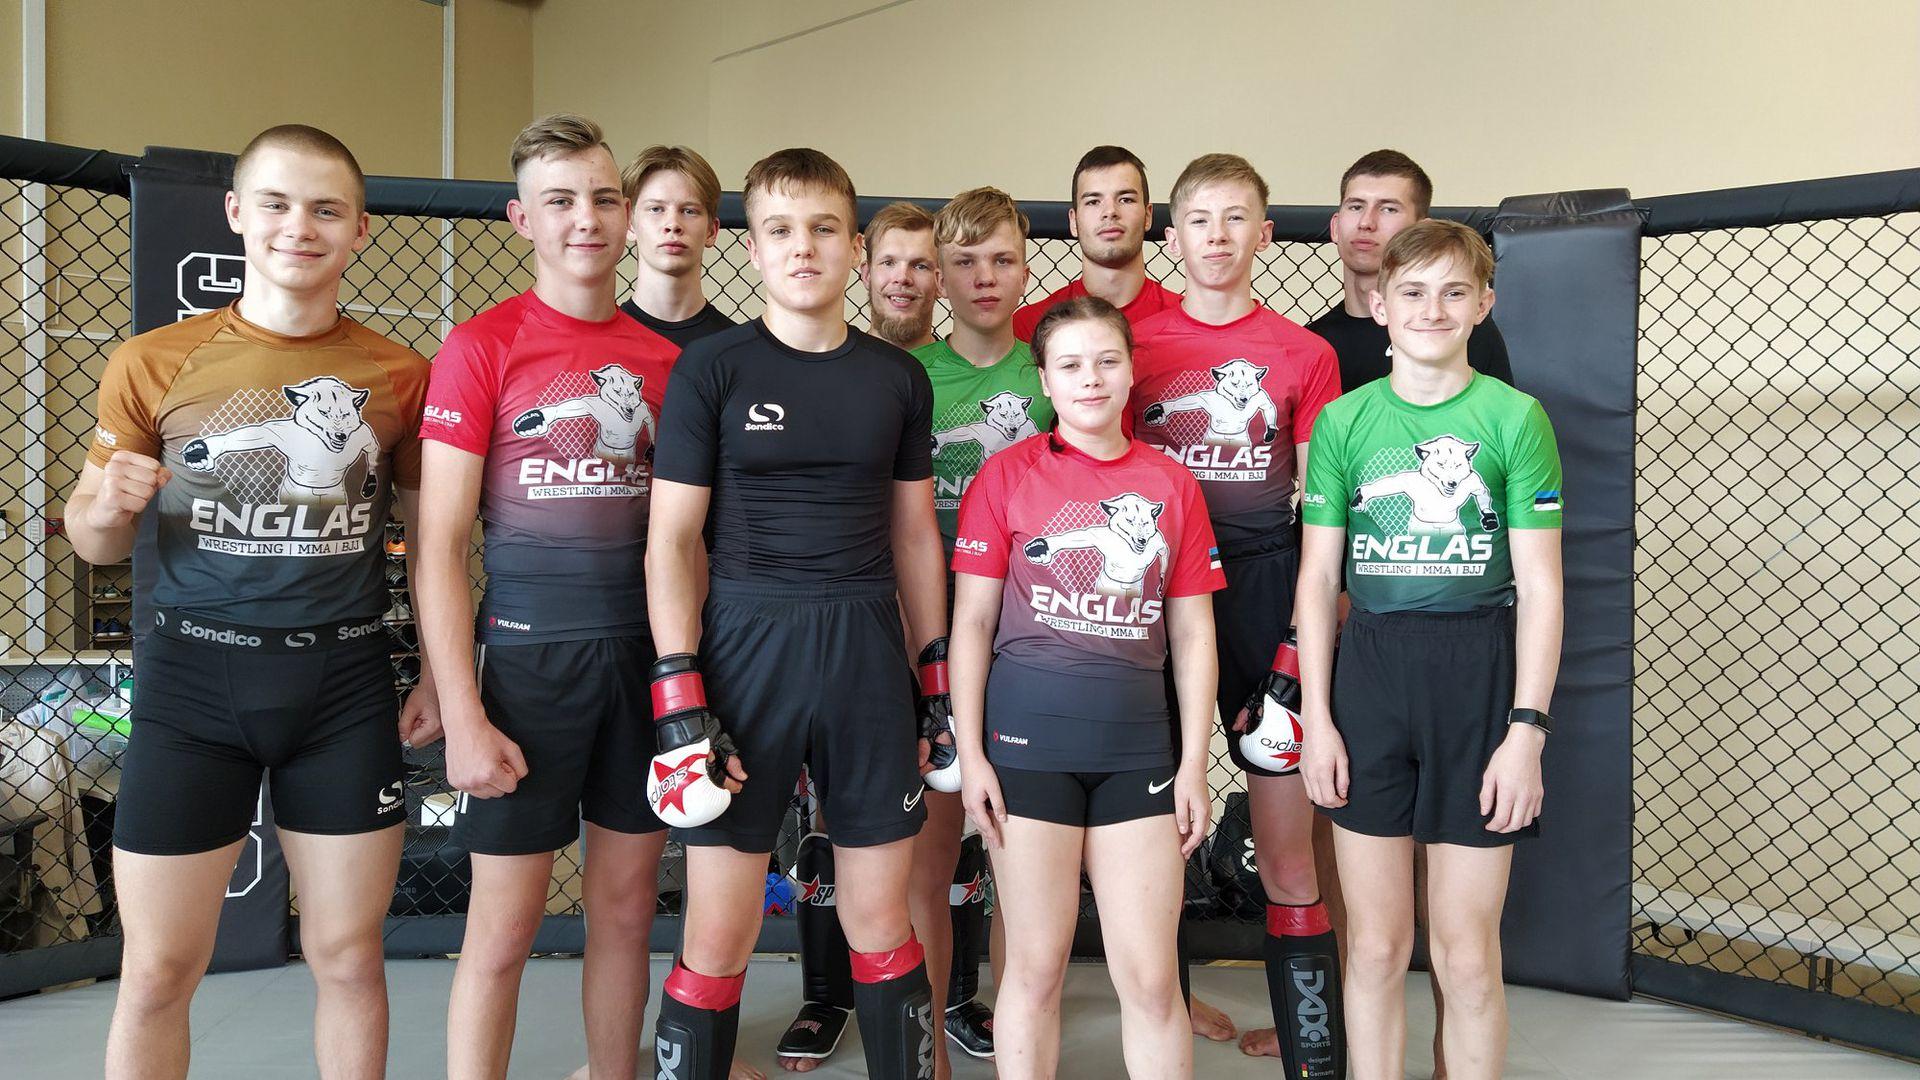 Tartu vabavõitlejad lõpetasid pika võistluspausi: